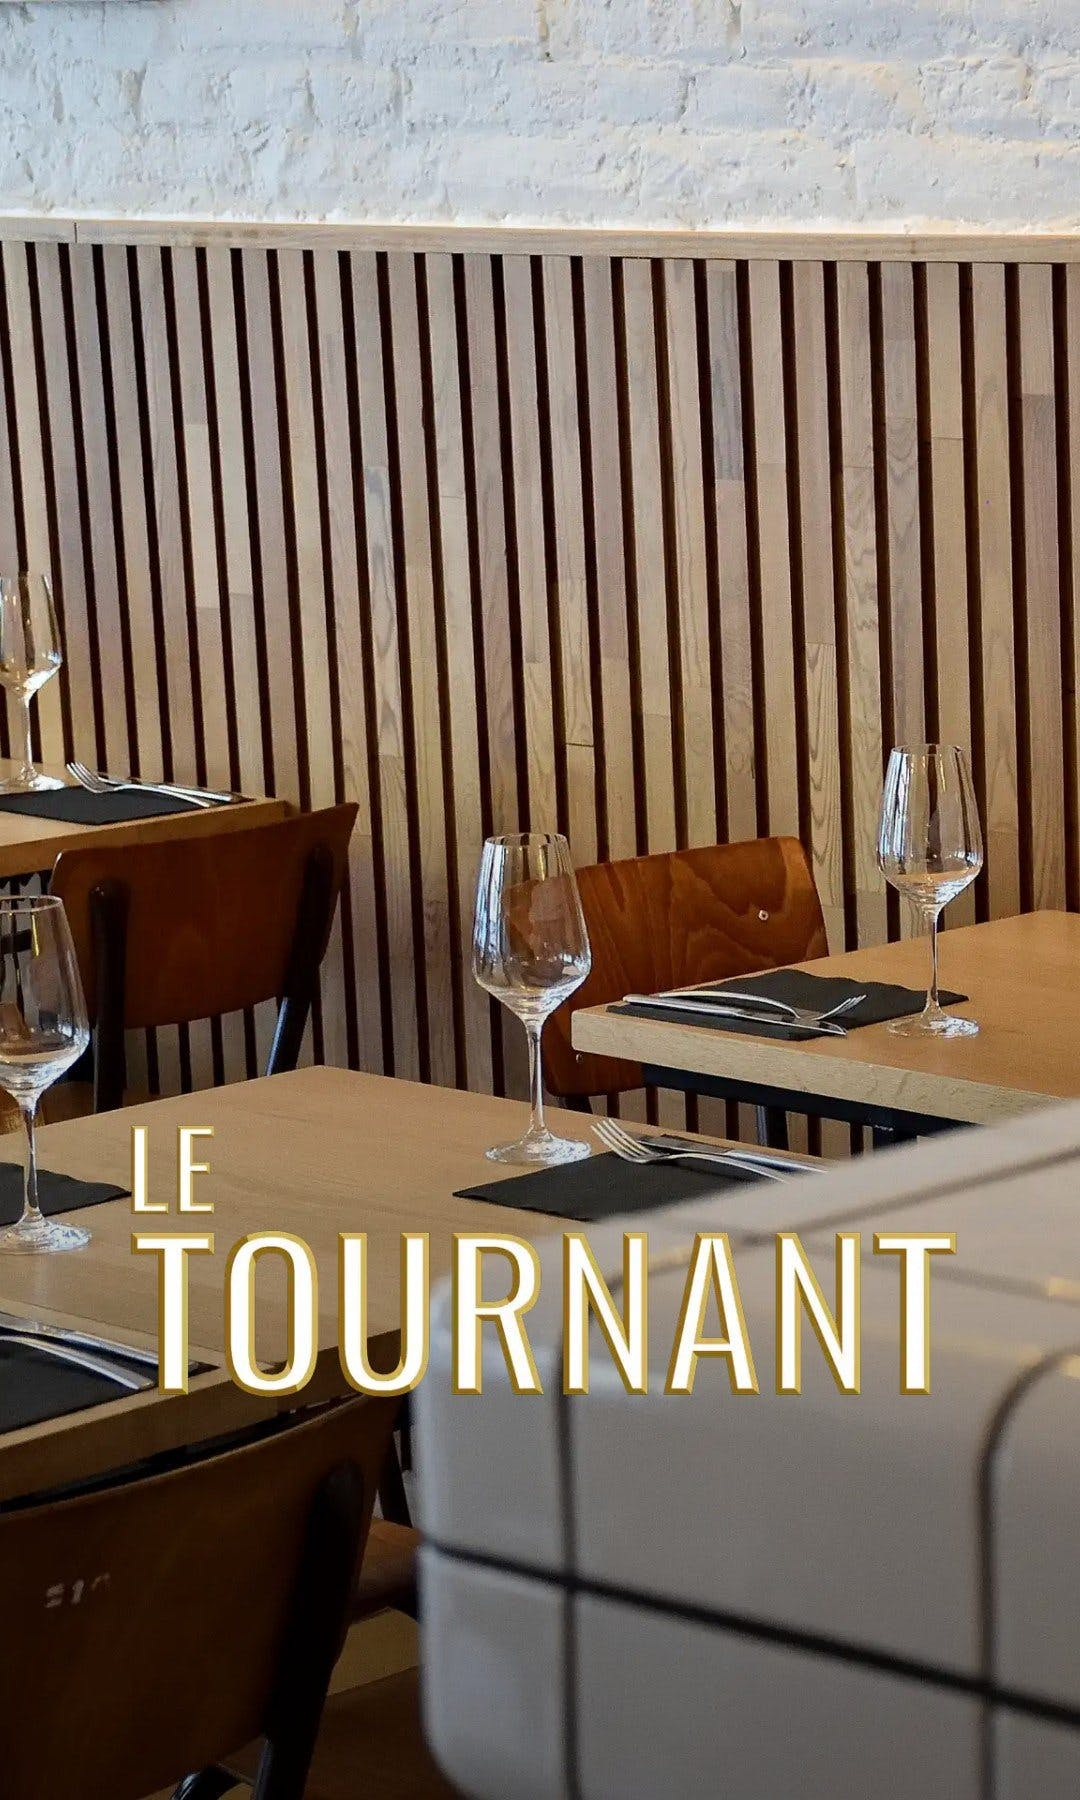 Le tournant restaurant web story